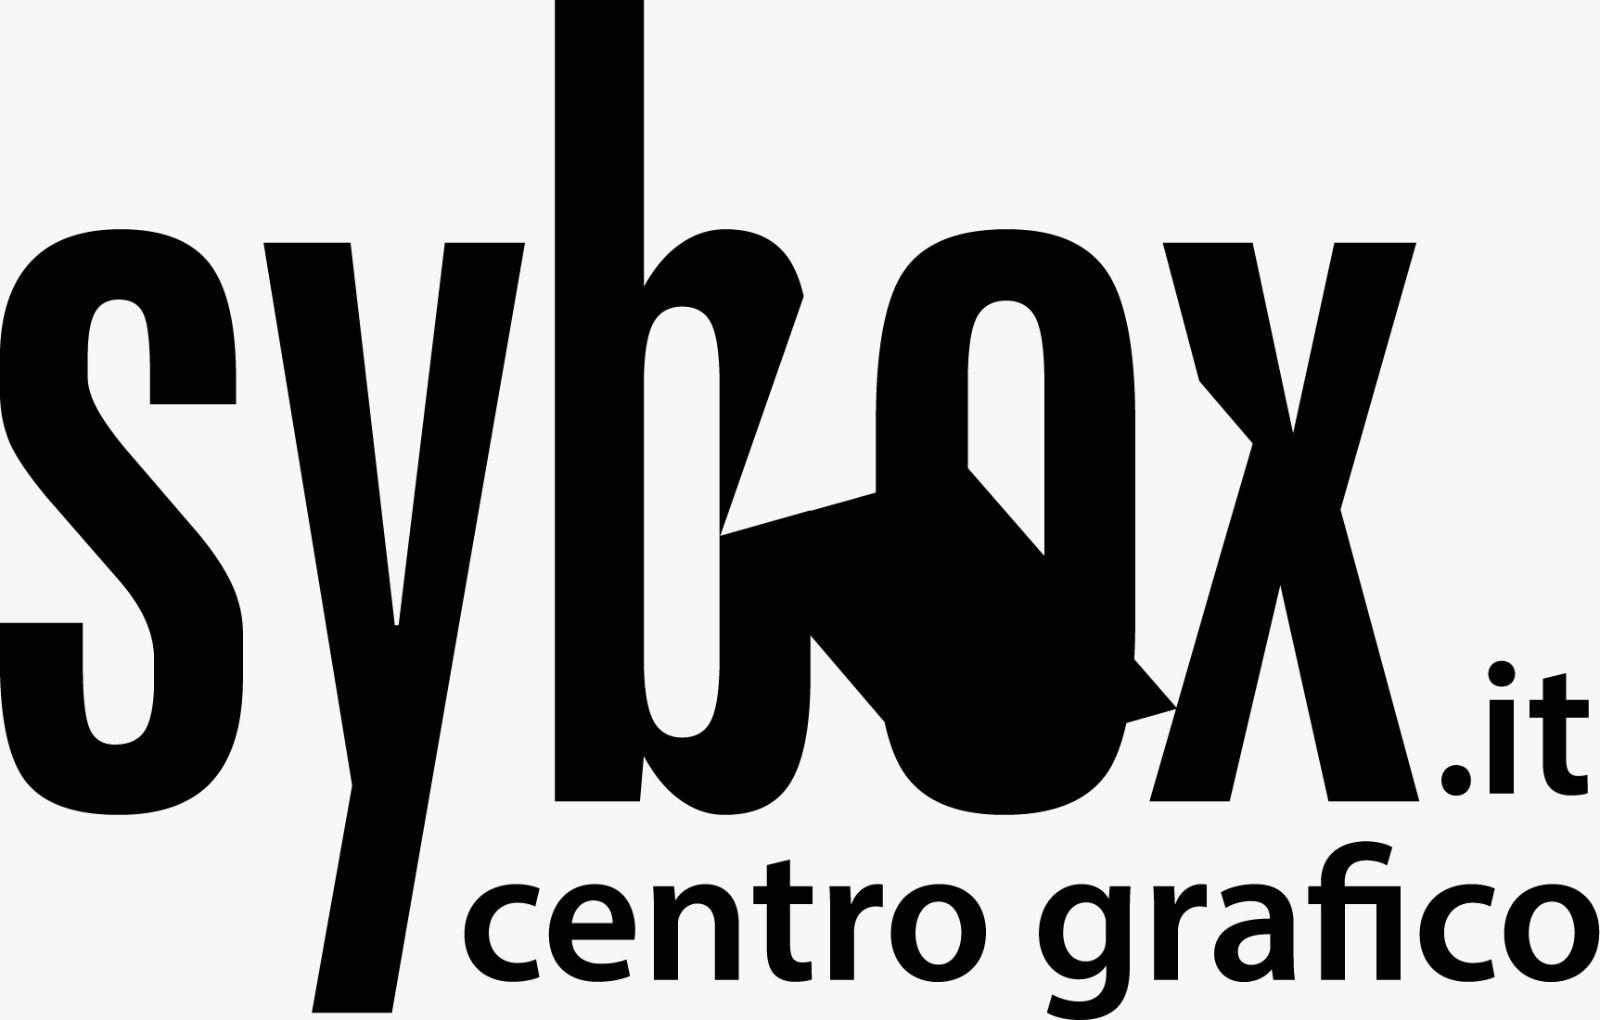 logo Sybox centro grafico